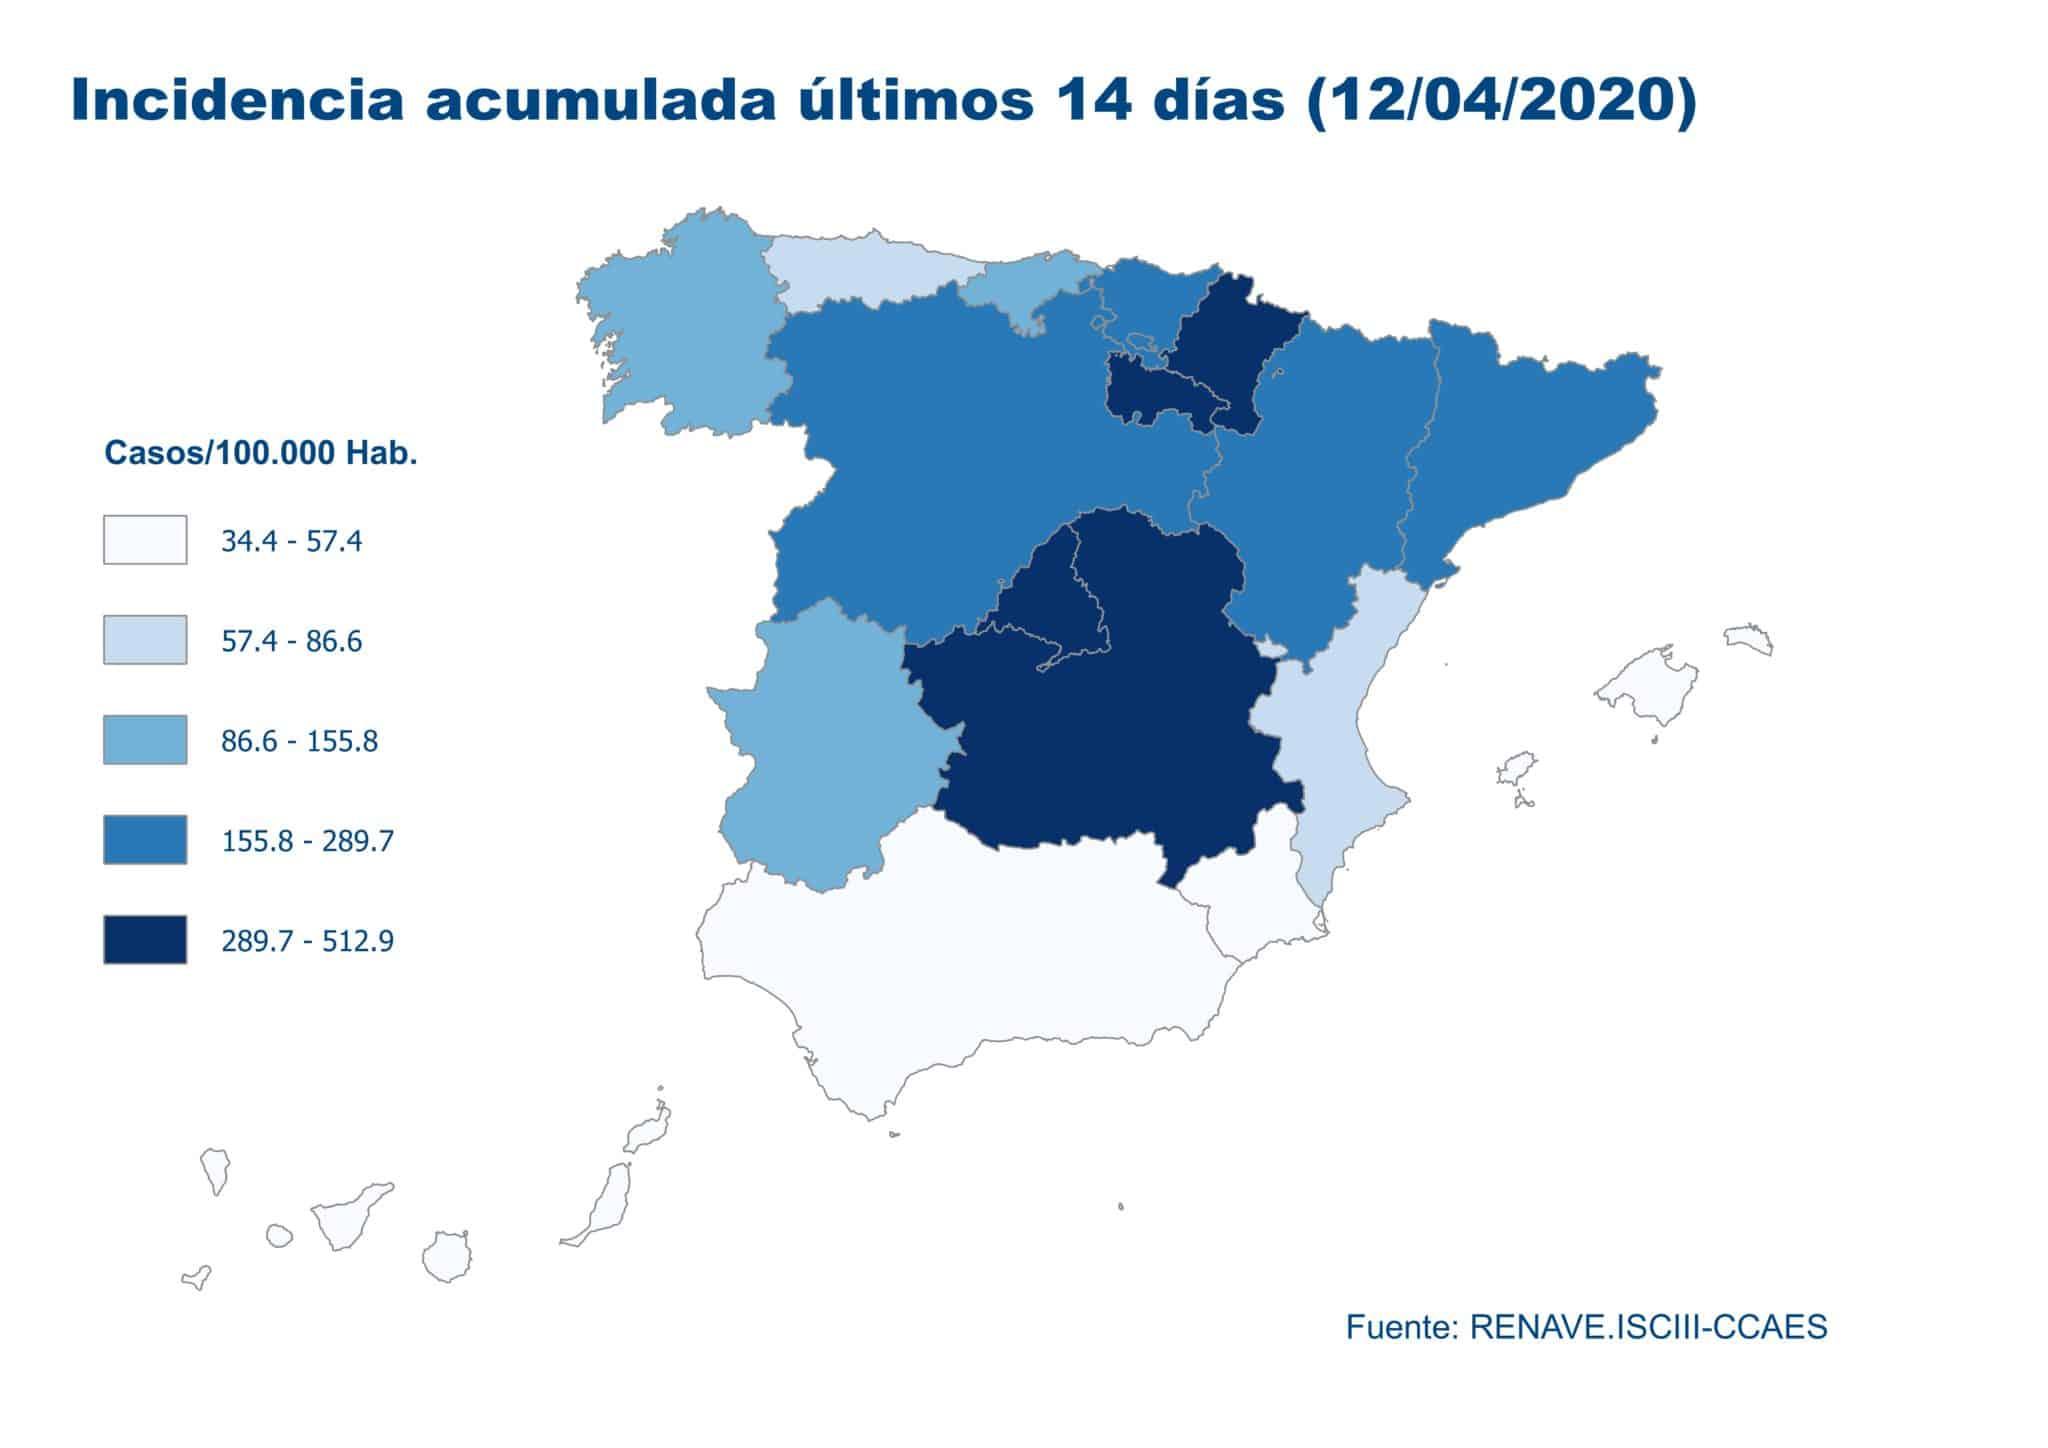 La Rioja registra 79 nuevos casos de coronavirus y cuatro nuevos fallecimientos 3